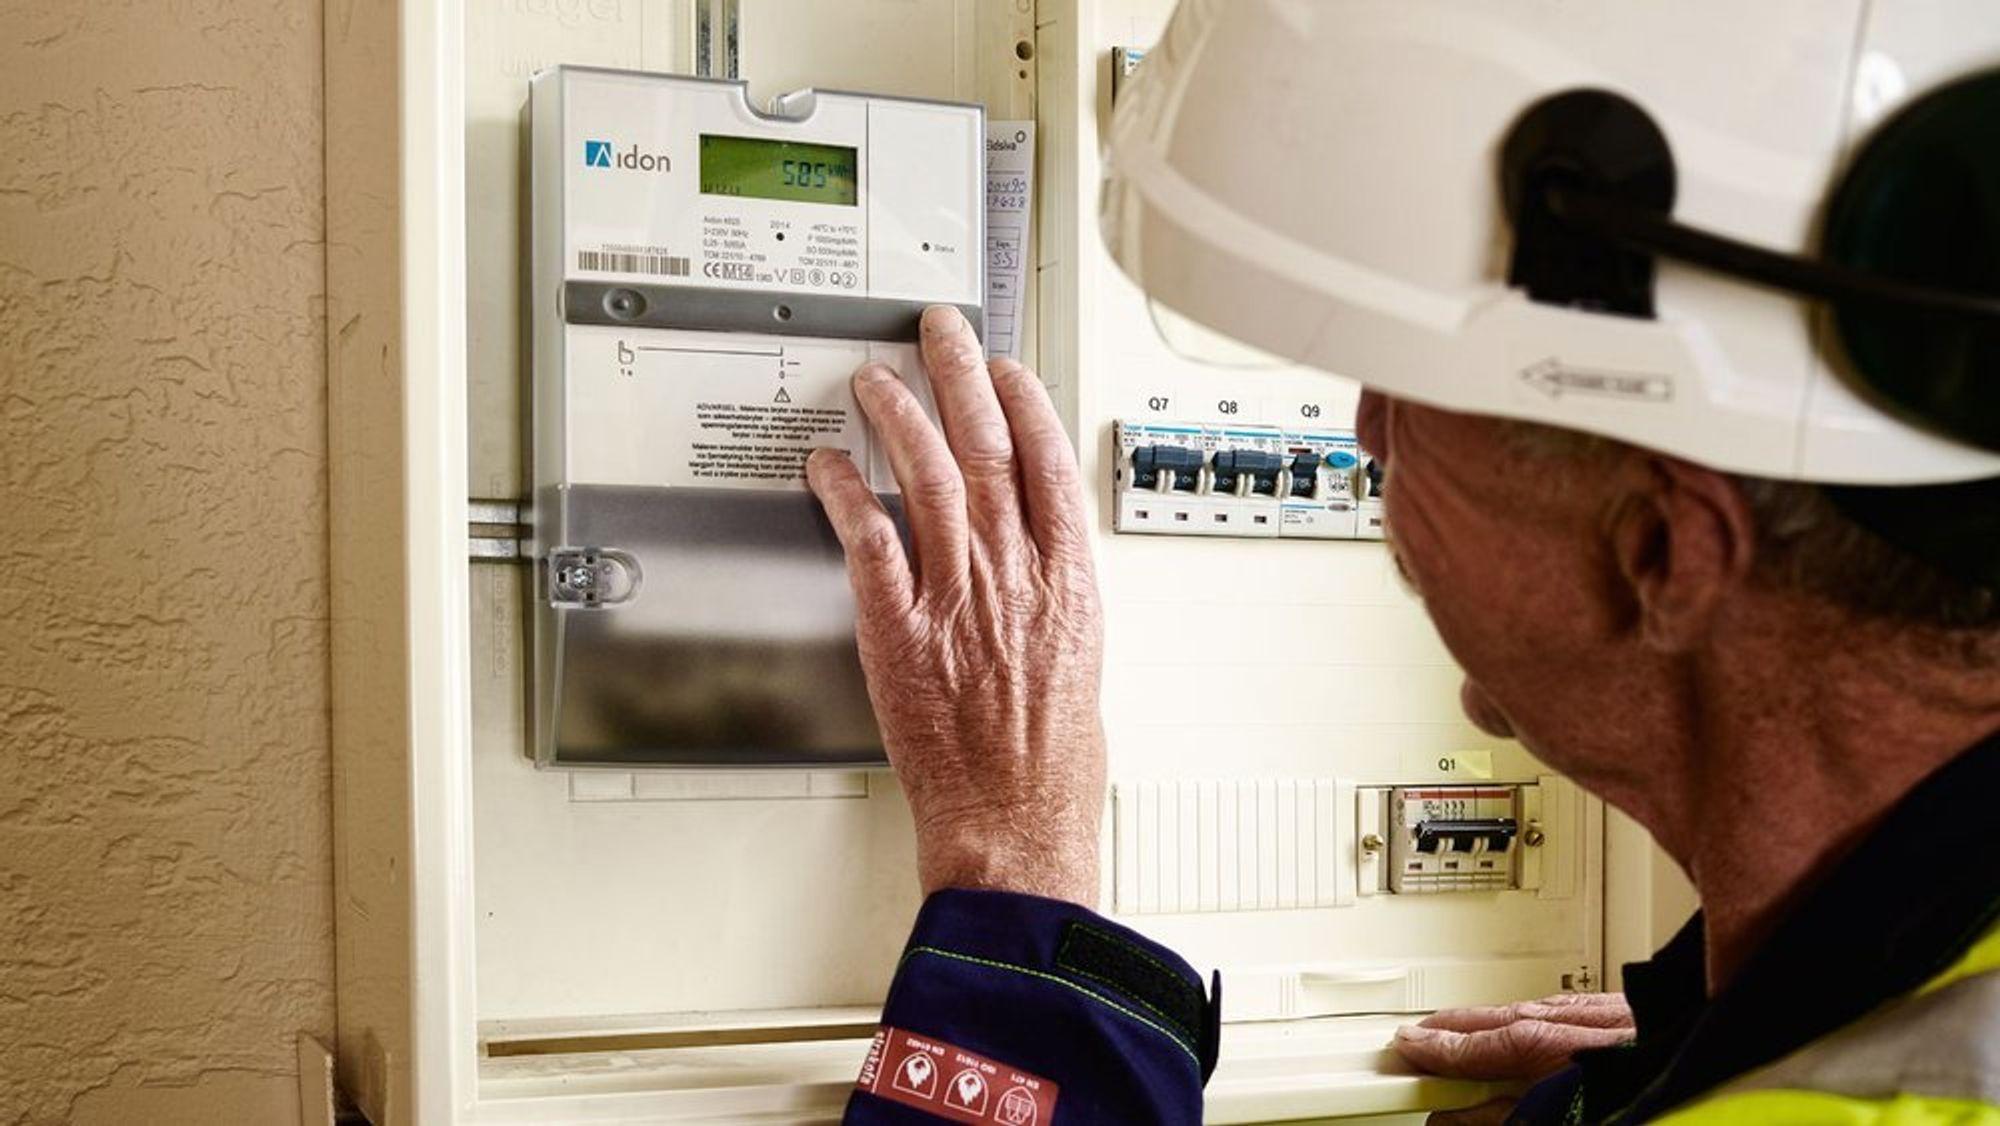 Før nyttår skal alle norske husstander ha fått en ny strømmåler. Disse skal automatisk sende forbruksinformasjon til nett- og kraftselskap. Men 107 nettselskaper er fortsatt ikke klare.